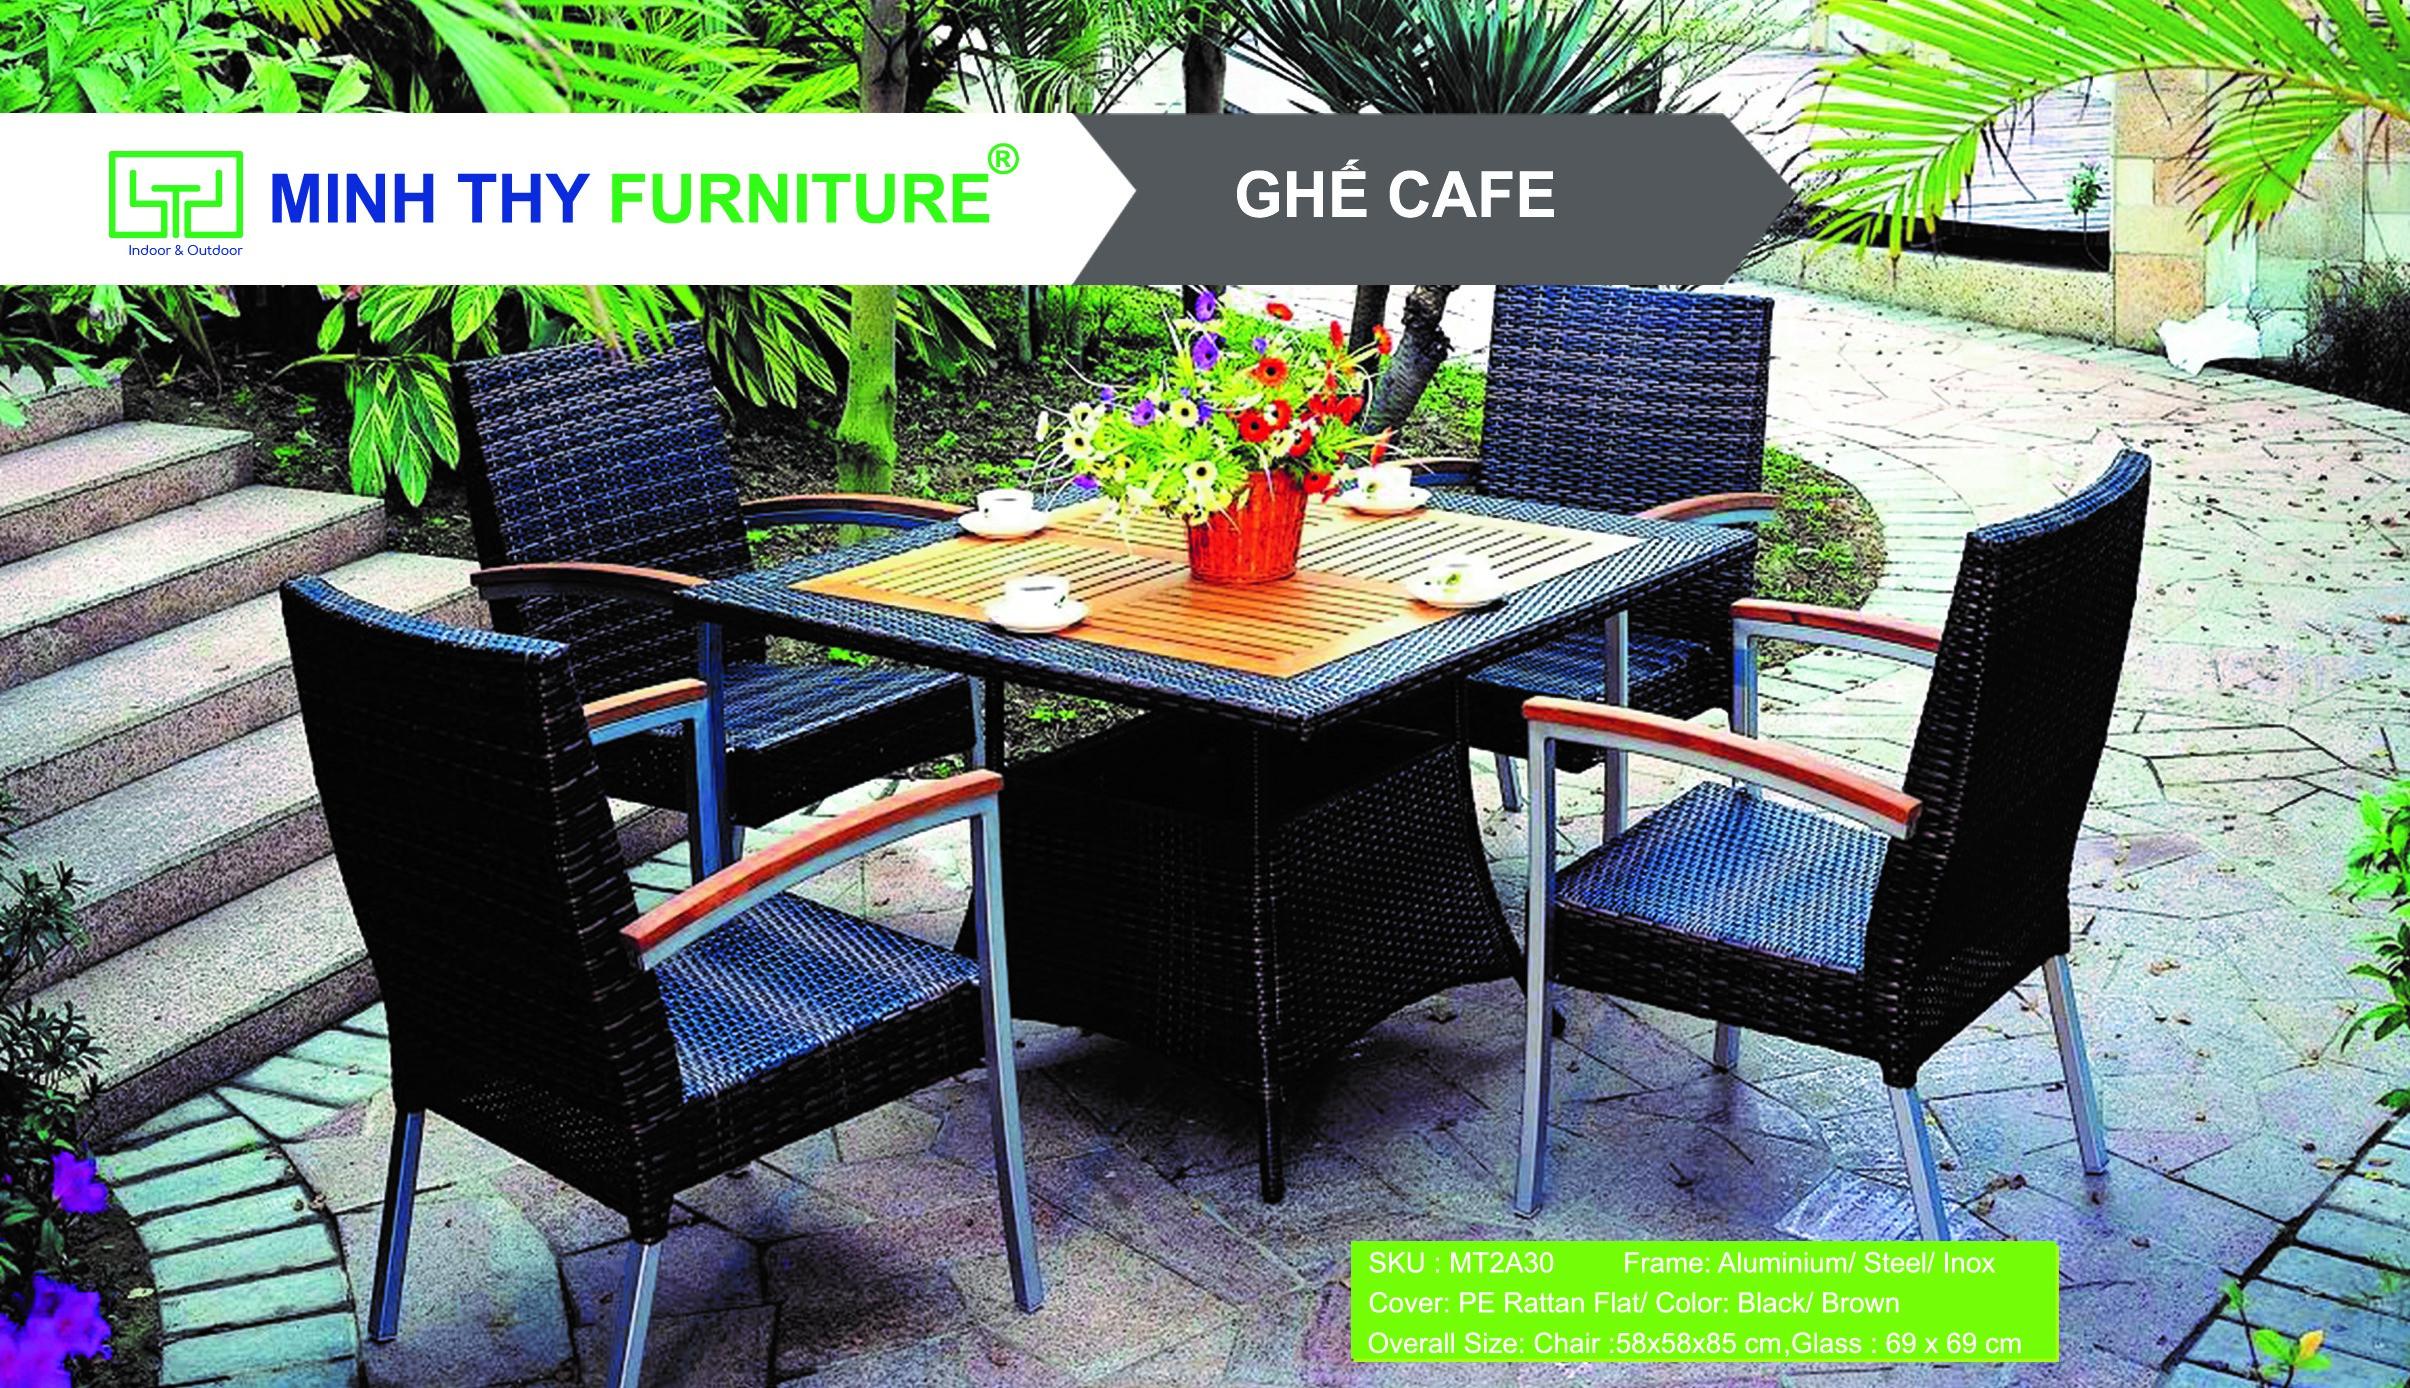 Bàn ghế cafe nhựa giả mây MT2A30 của Minh Thy Furniture